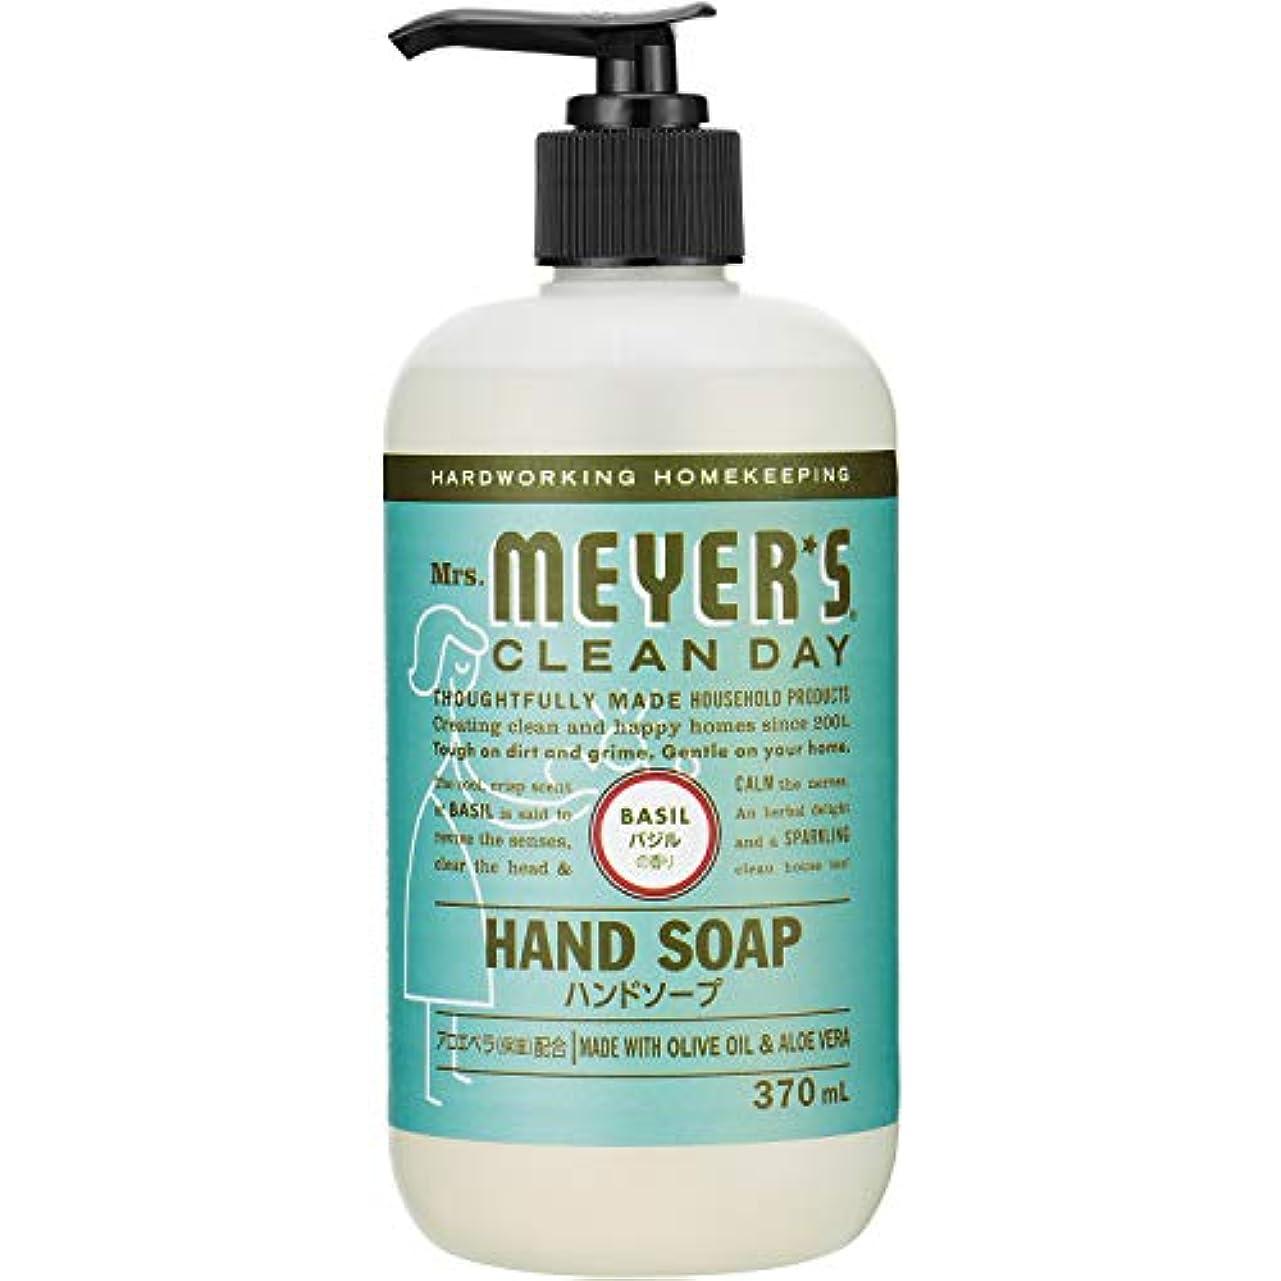 面蚊機転Mrs. MEYER'S CLEAN DAY(ミセスマイヤーズ クリーンデイ) ミセスマイヤーズ クリーンデイ(Mrs.Meyers Clean Day) ハンドソープ バジルの香り 370ml